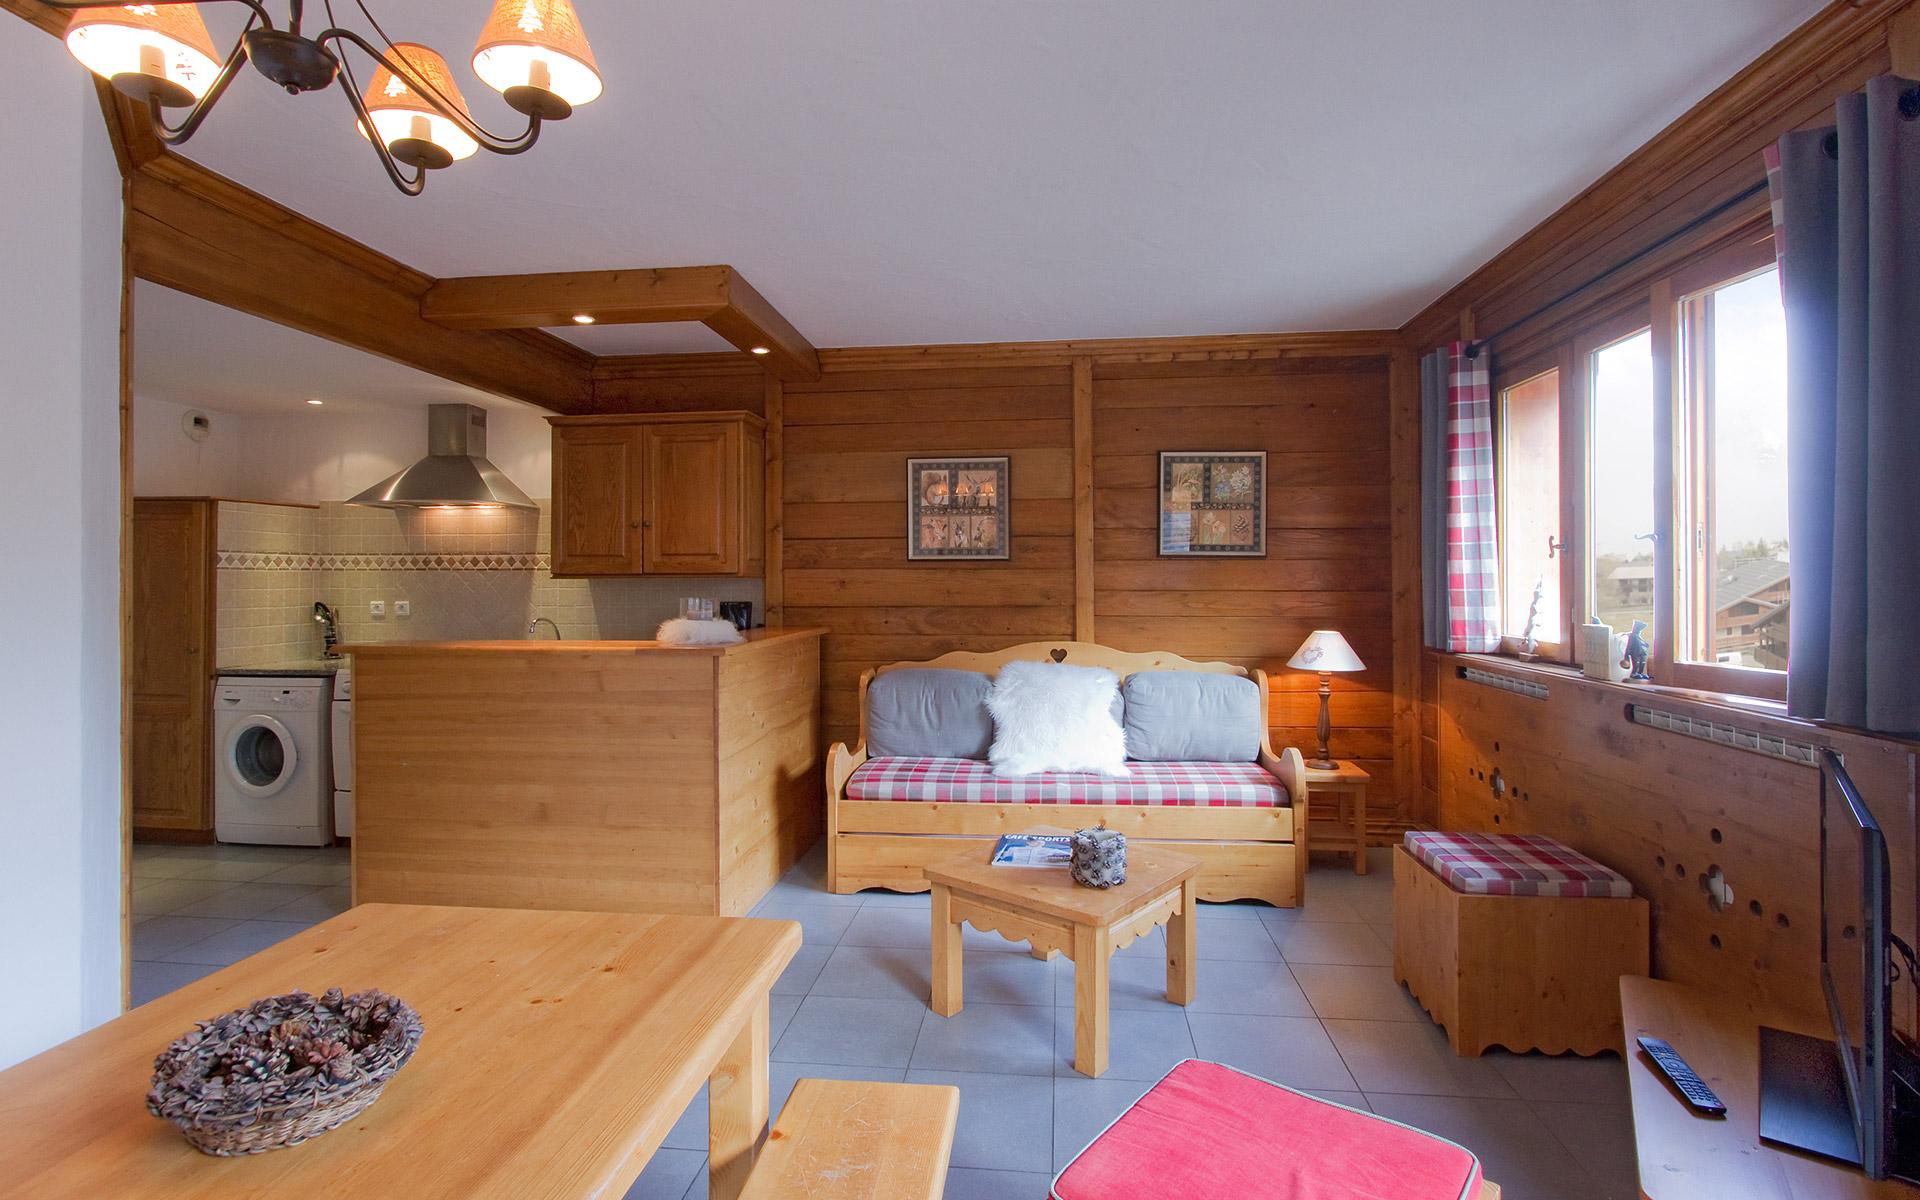 Appartement Aster - Les Balcons de Sarenne aux 2 Alpes